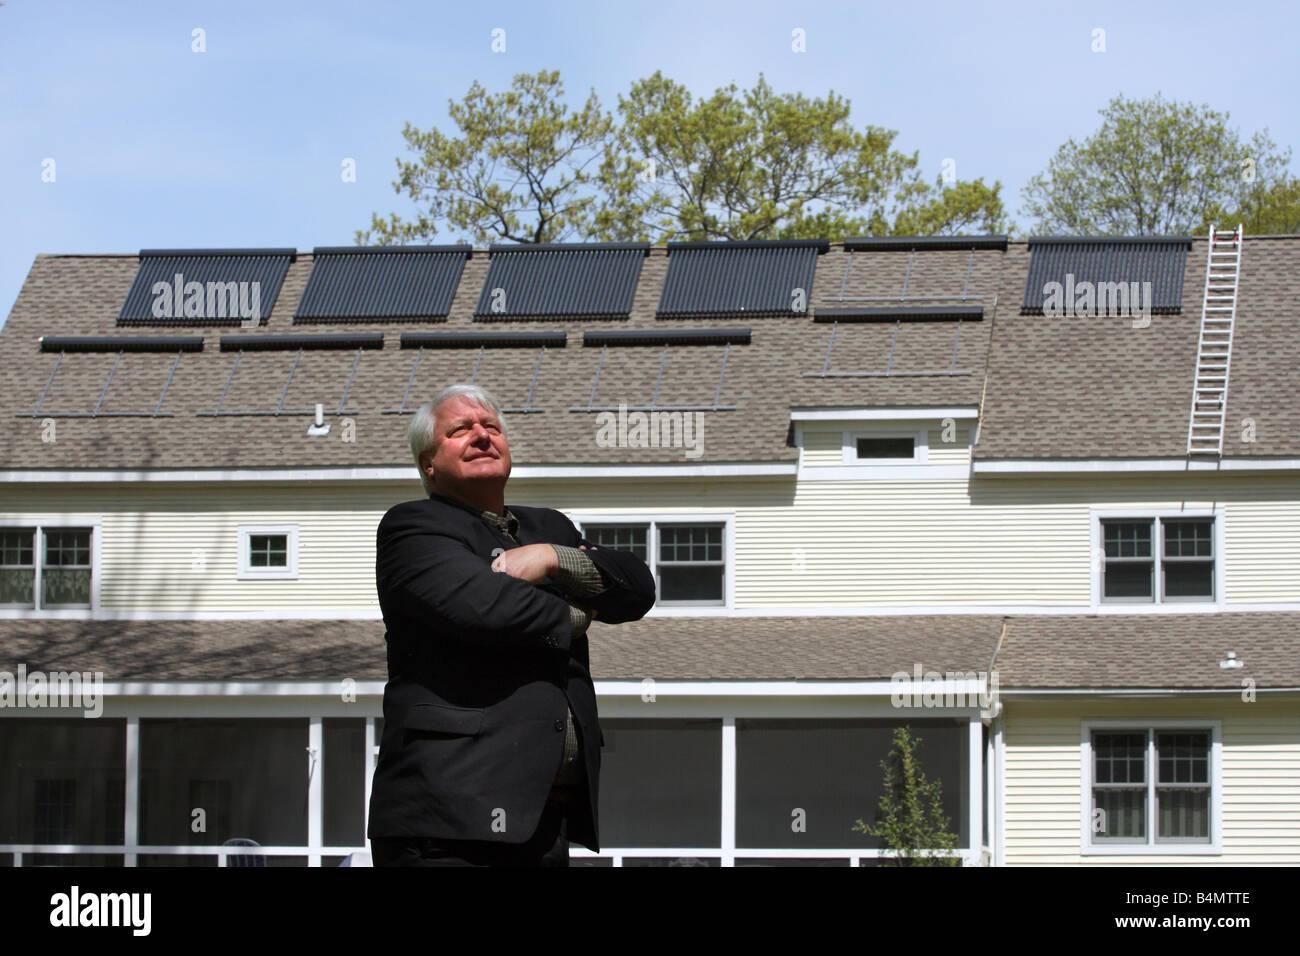 Un hombre con su casa, que dispone de paneles solares en el techo que proporciona energía renovable limpia Imagen De Stock